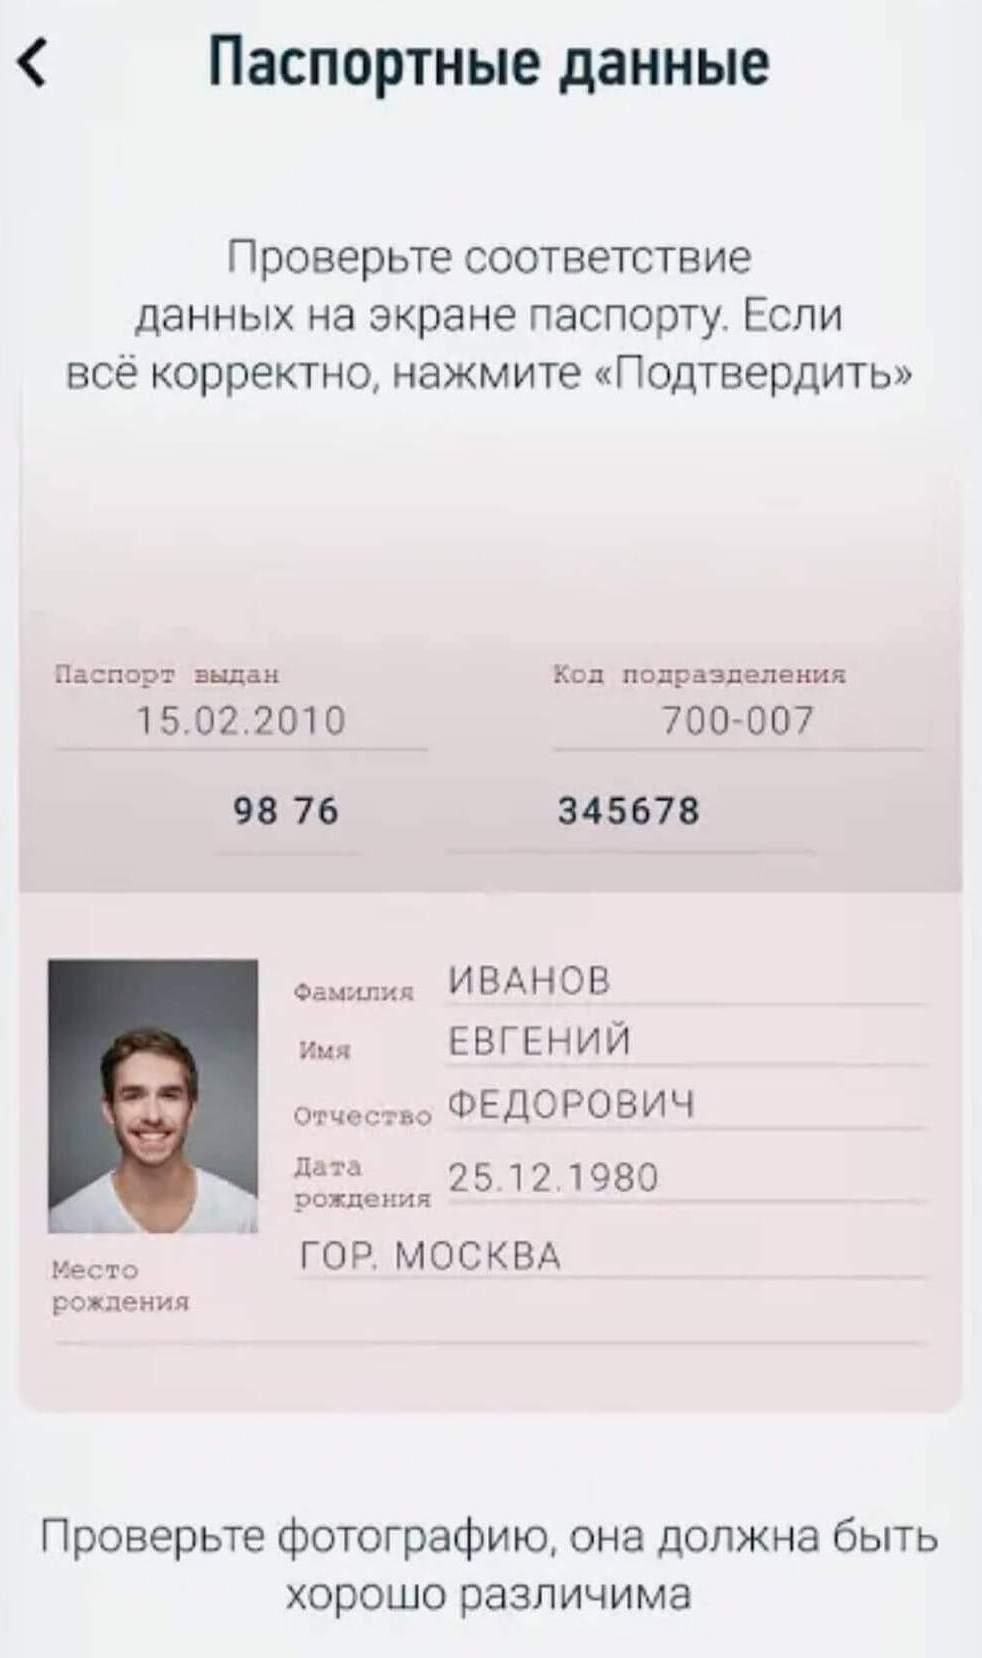 Регистрация по паспорту в приложении